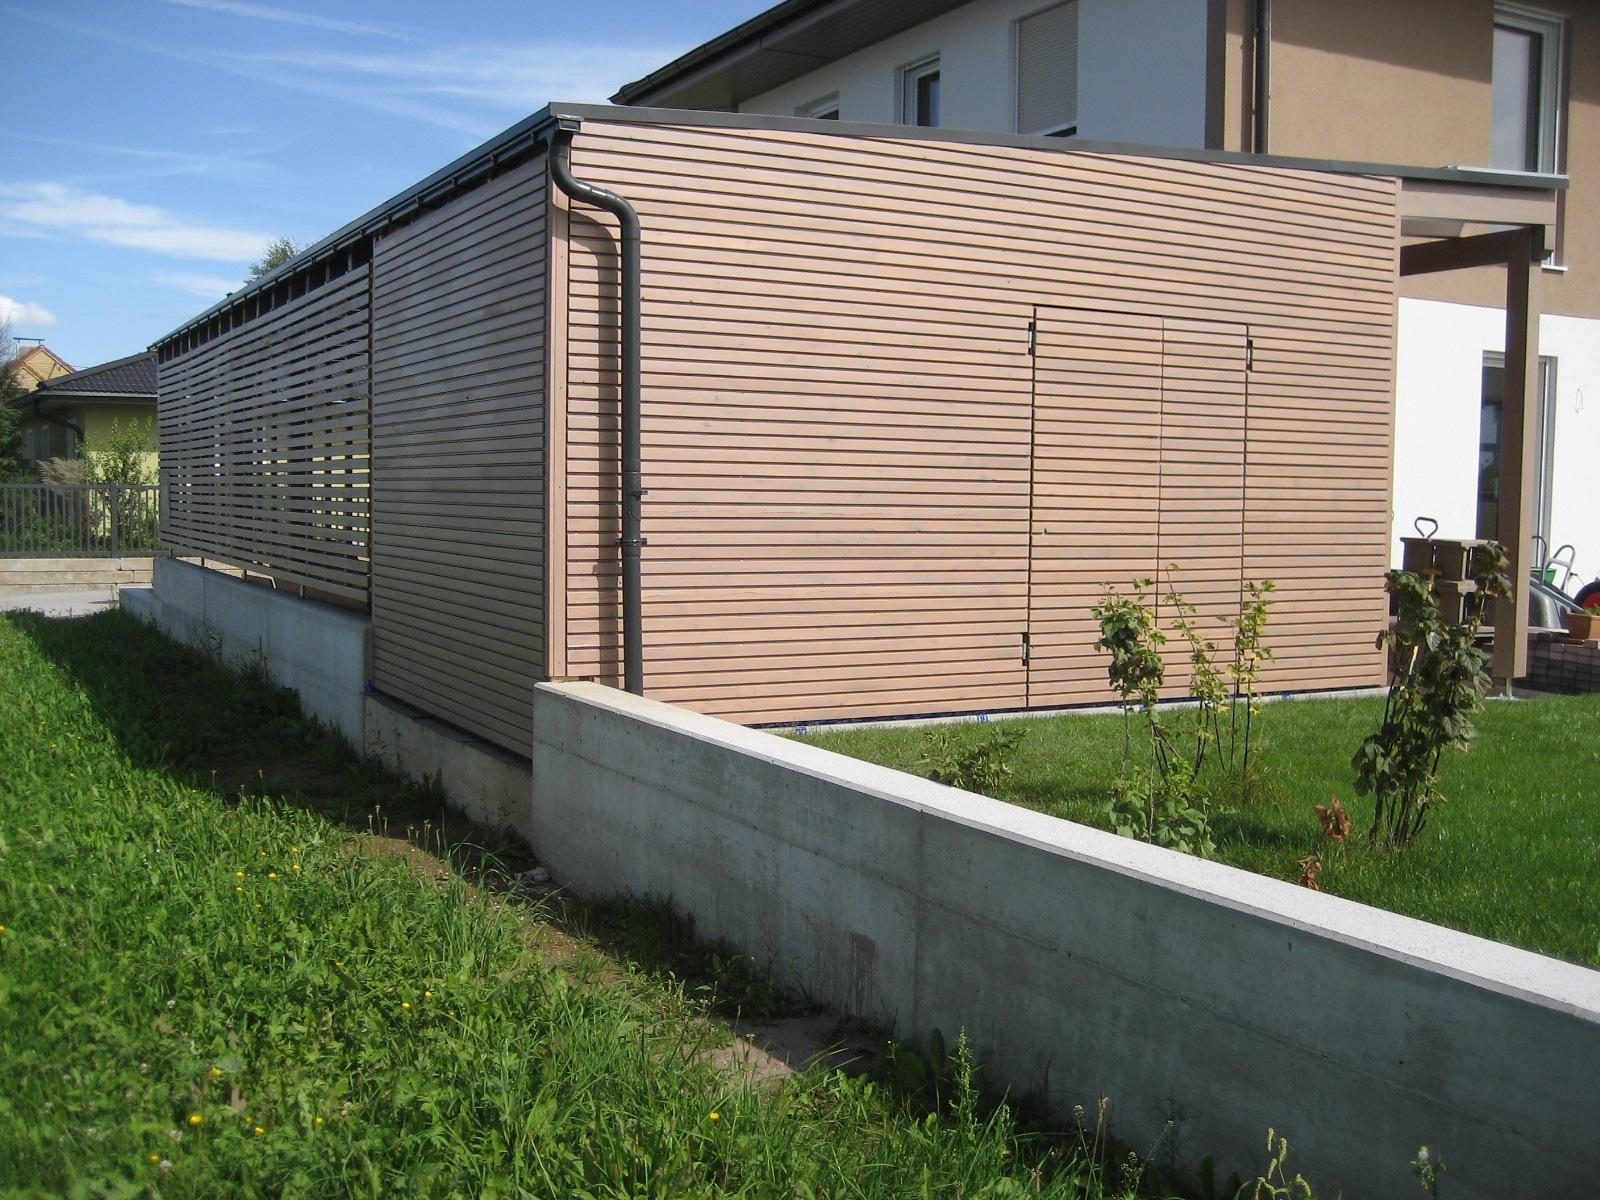 Carport mit Sichtschutzzaun,  Abstellraum und Eingangsüberdachung. Dacheindeckung mit Resitrix EPDM-Dachfolie